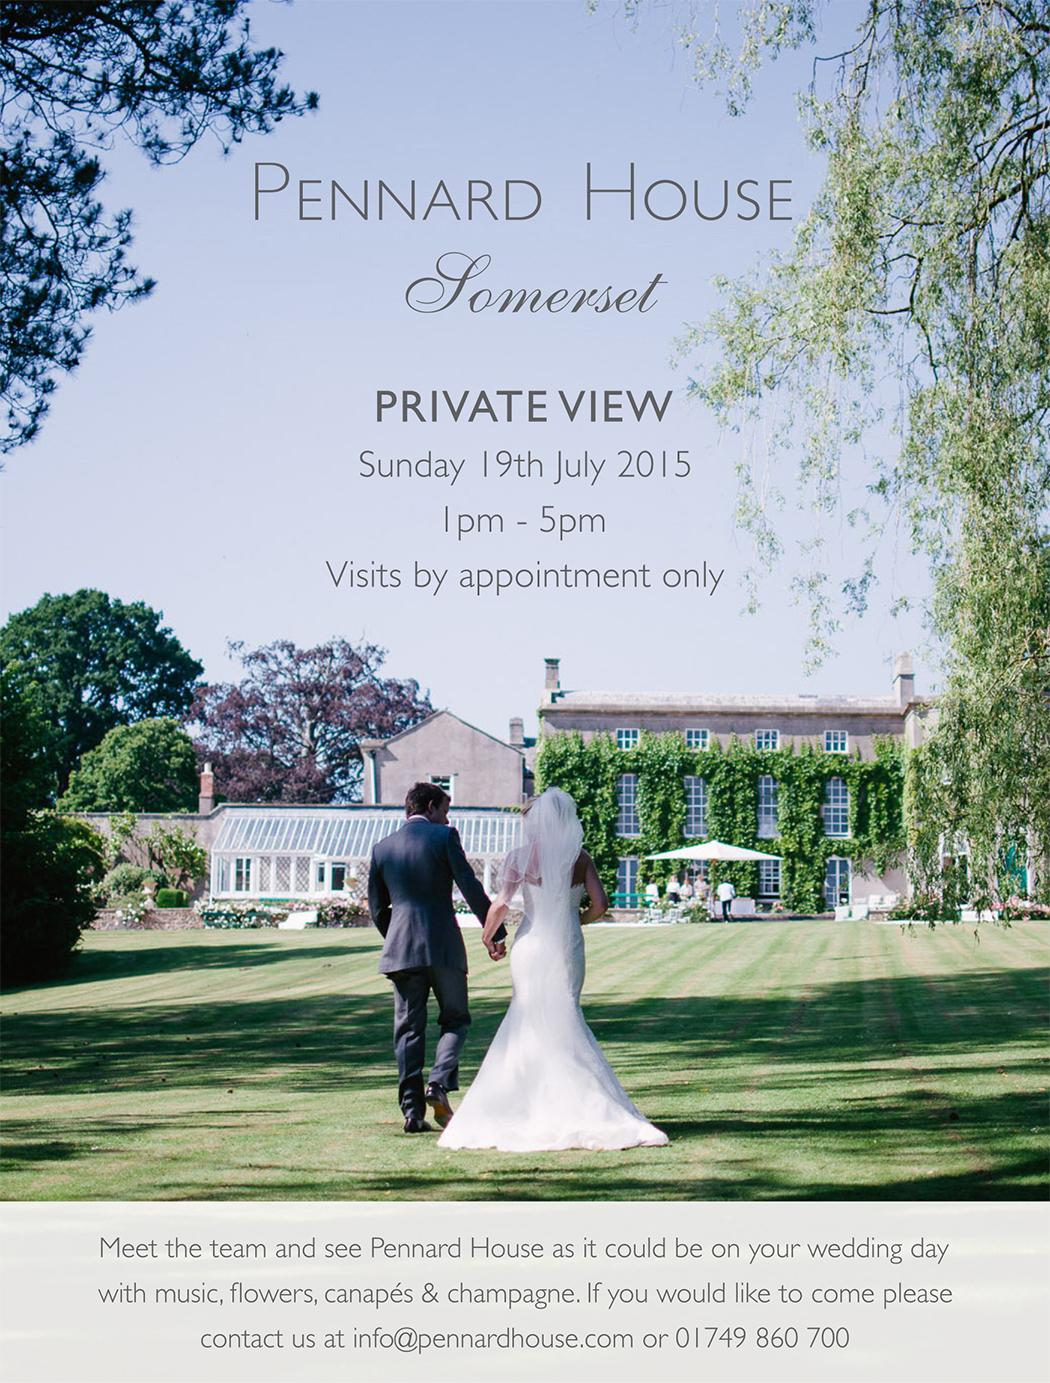 somerset-wedding-venue-pennard-house-coco-wedding-venues-006